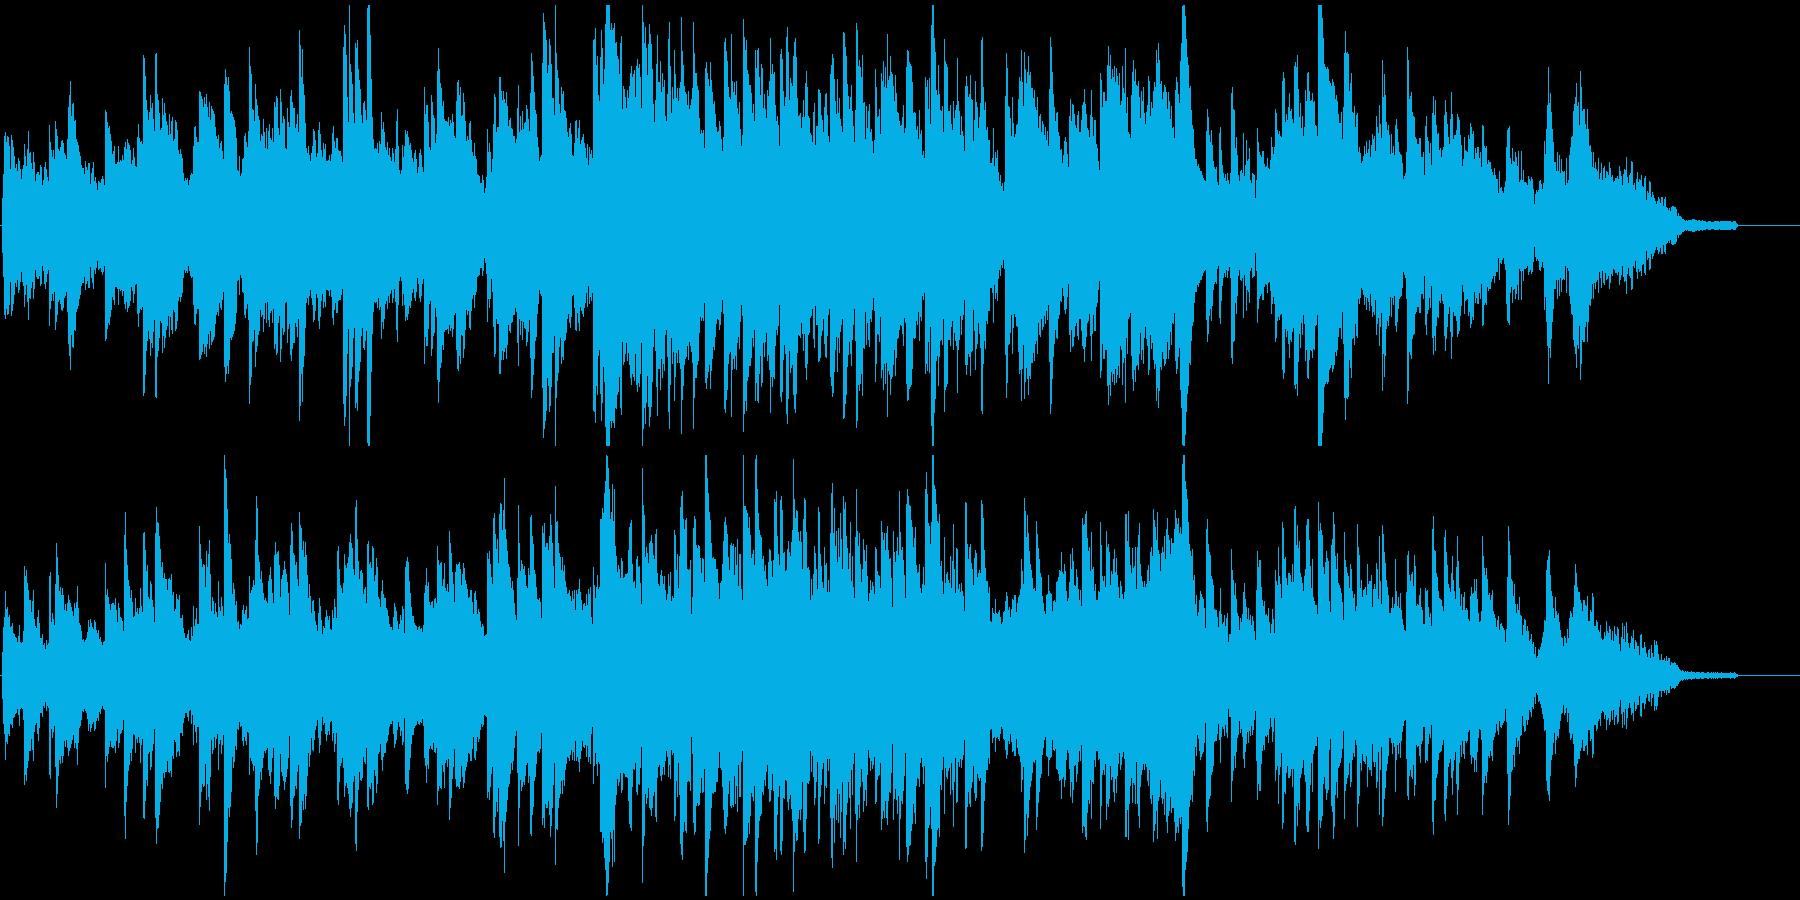 優しい雰囲気のストリングス楽曲の再生済みの波形